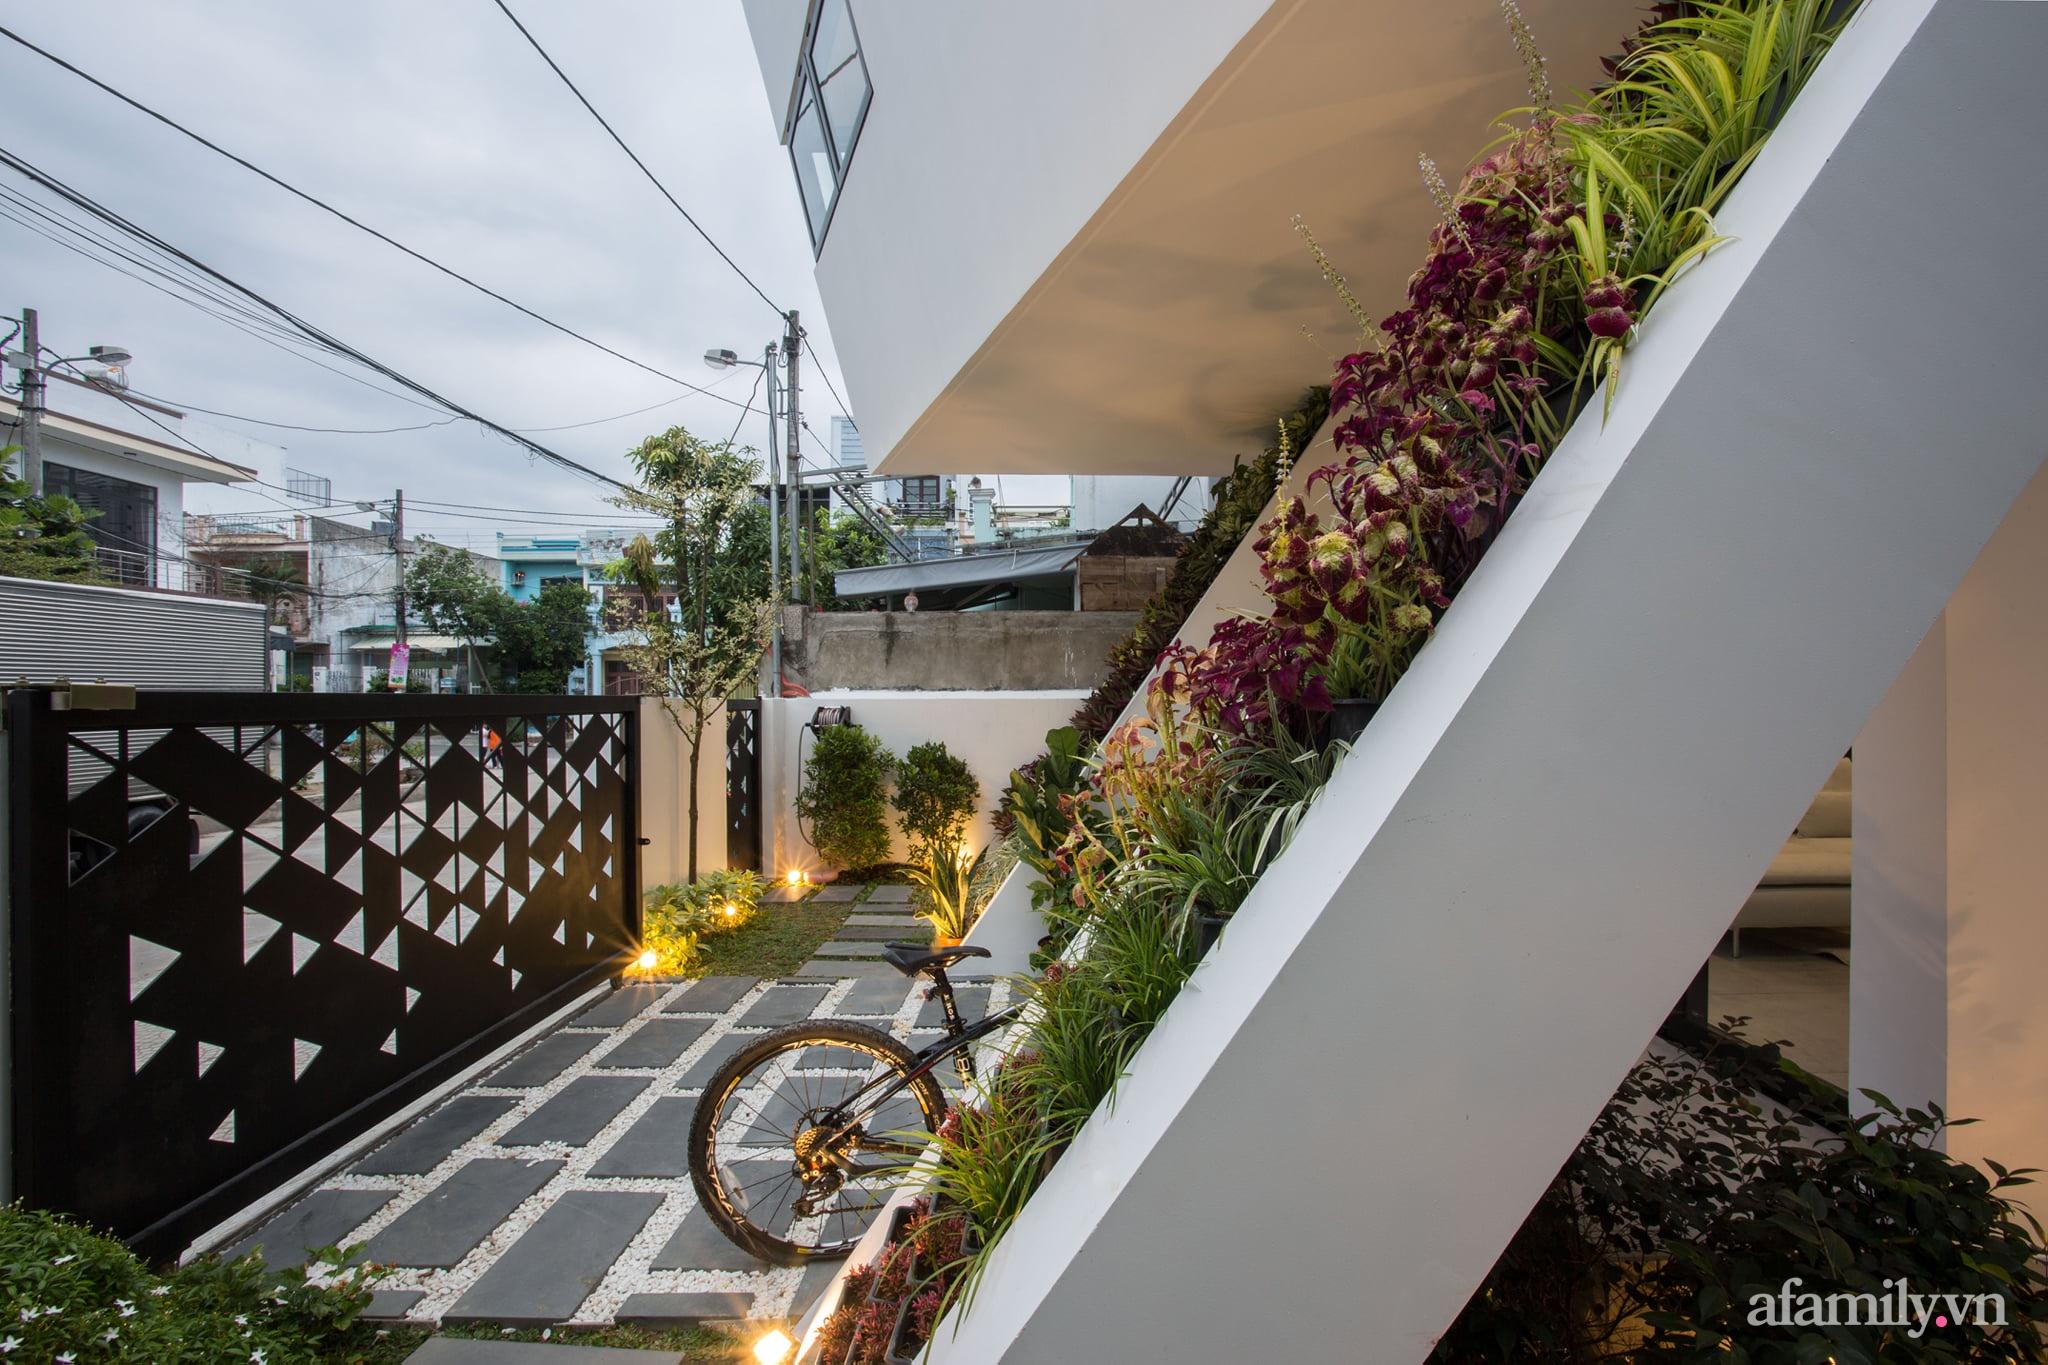 Nhà phố độc lạ được thiết kế lấy cảm hứng từ phi thuyền ở Đà Nẵng - Ảnh 10.